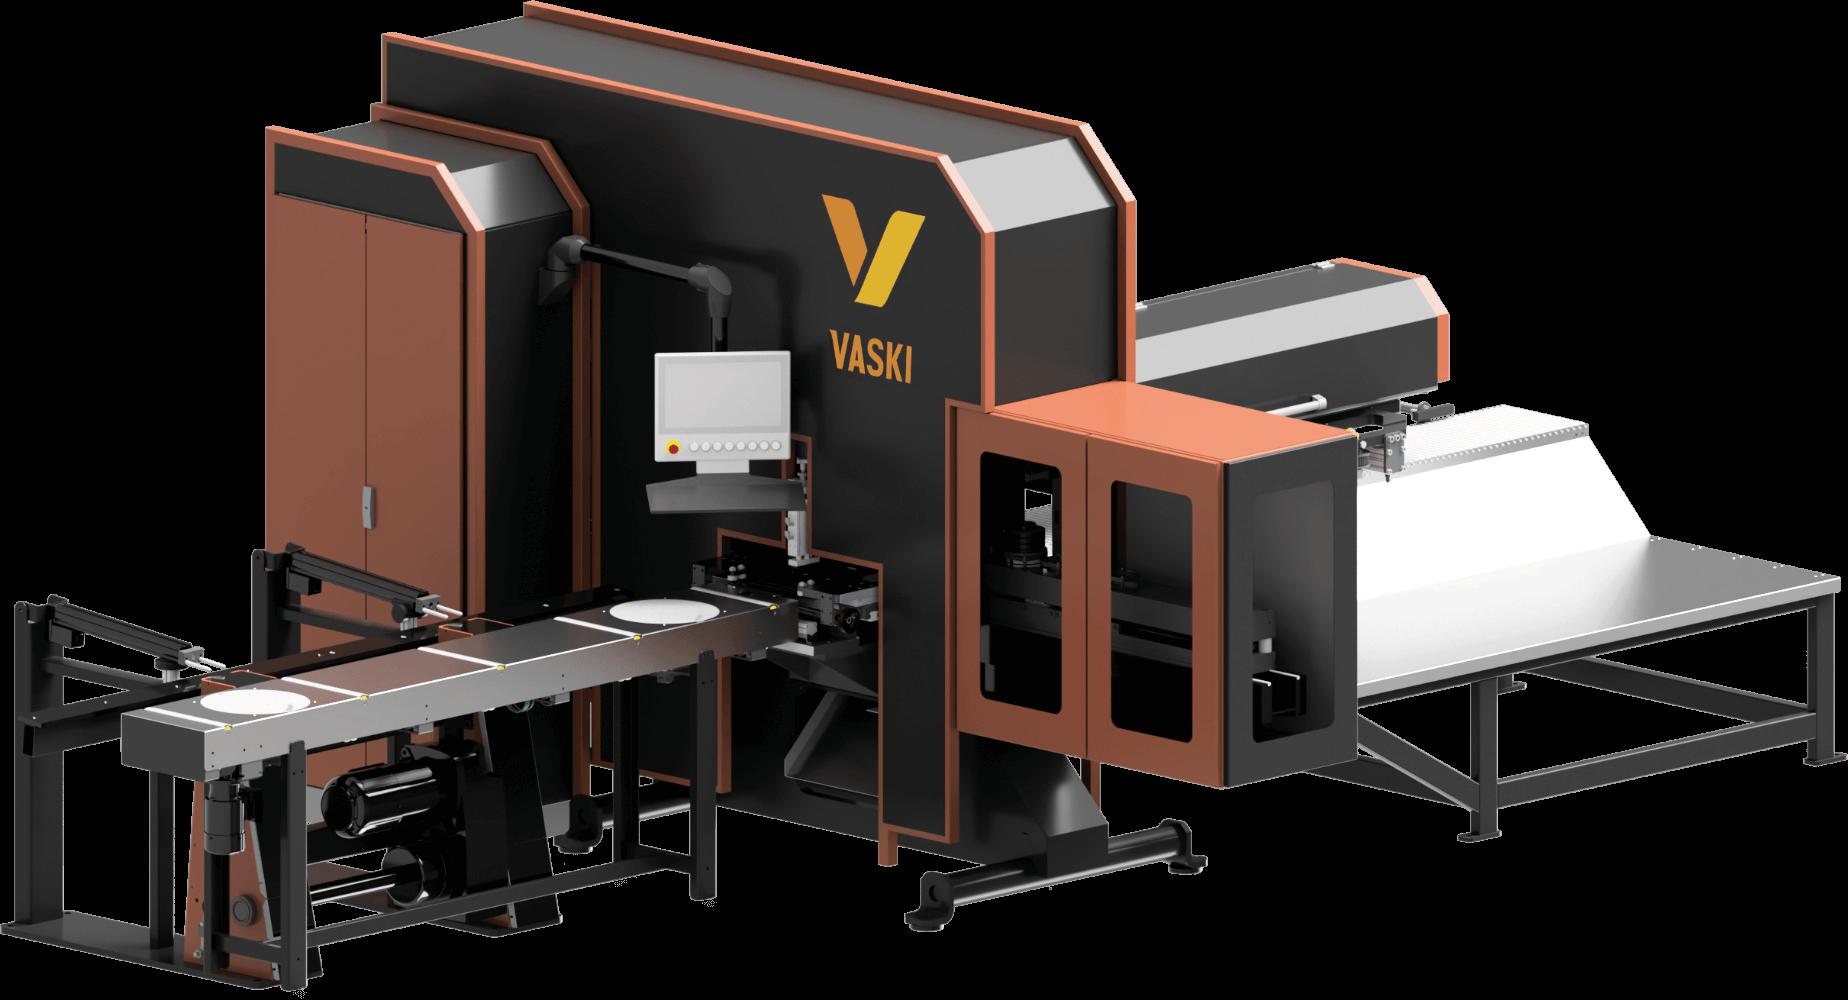 Image of VaskiPUNCH Legacy machine